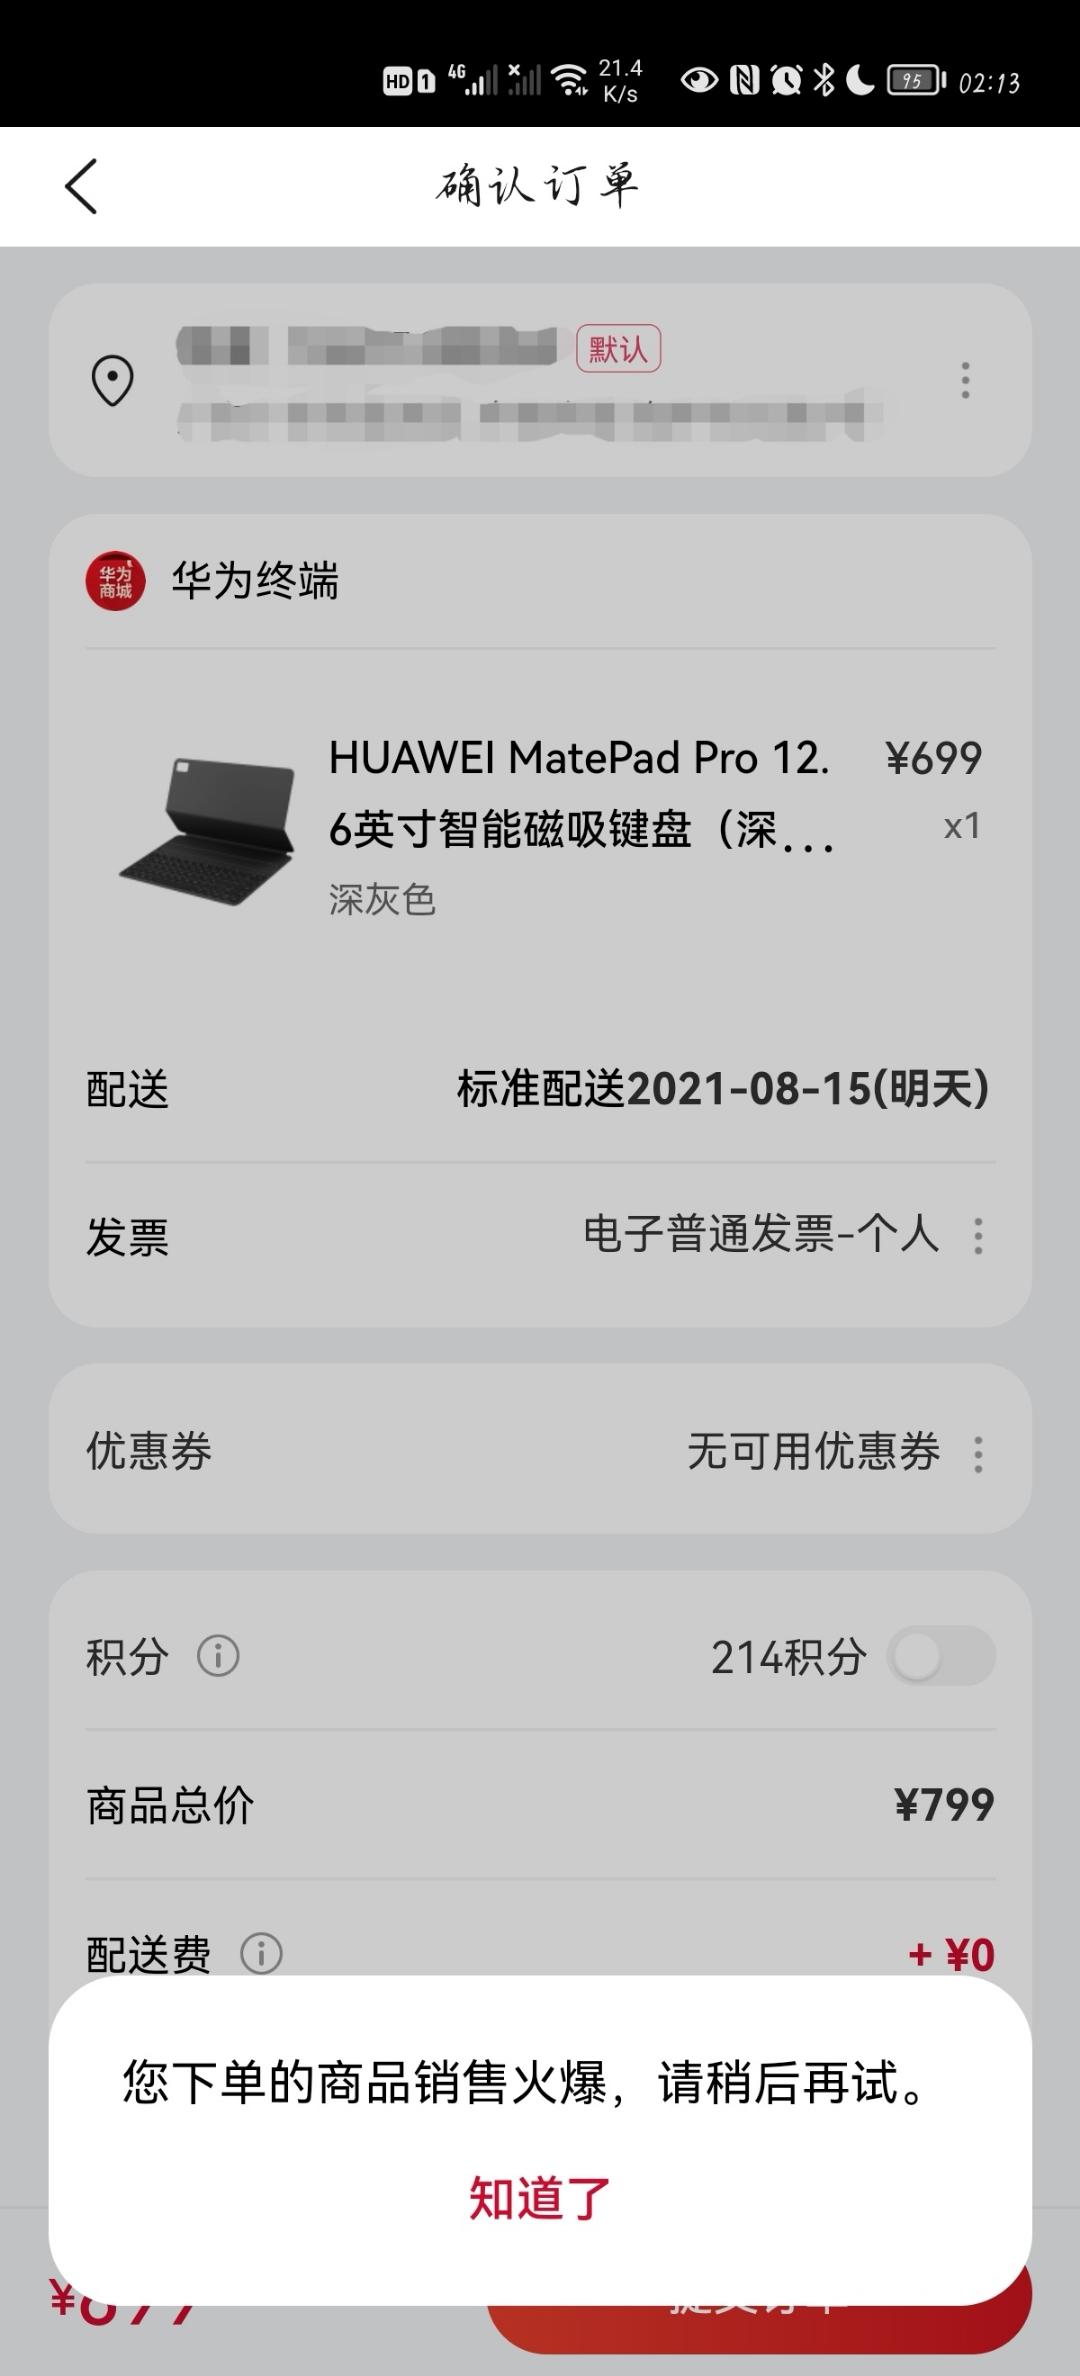 Screenshot_20210814_021328_com.vmall.client_edit_245742203552605.jpg